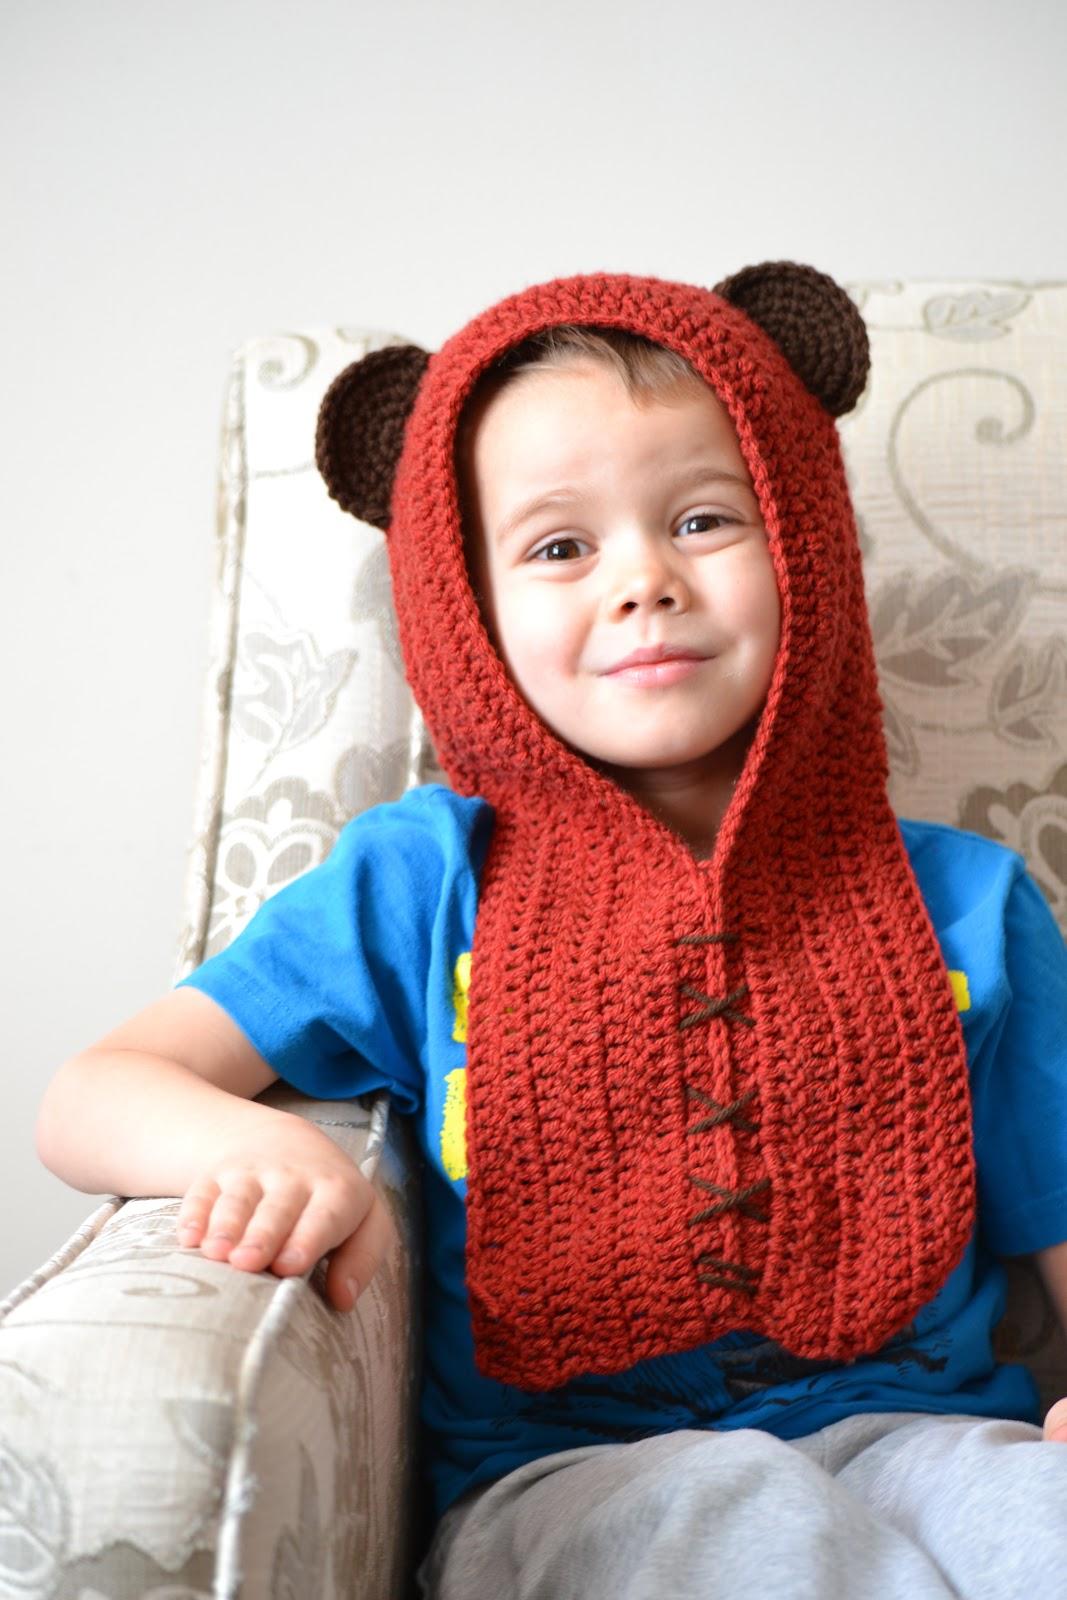 Knotty Knotty Crochet Ewok Hat Free Pattern Link